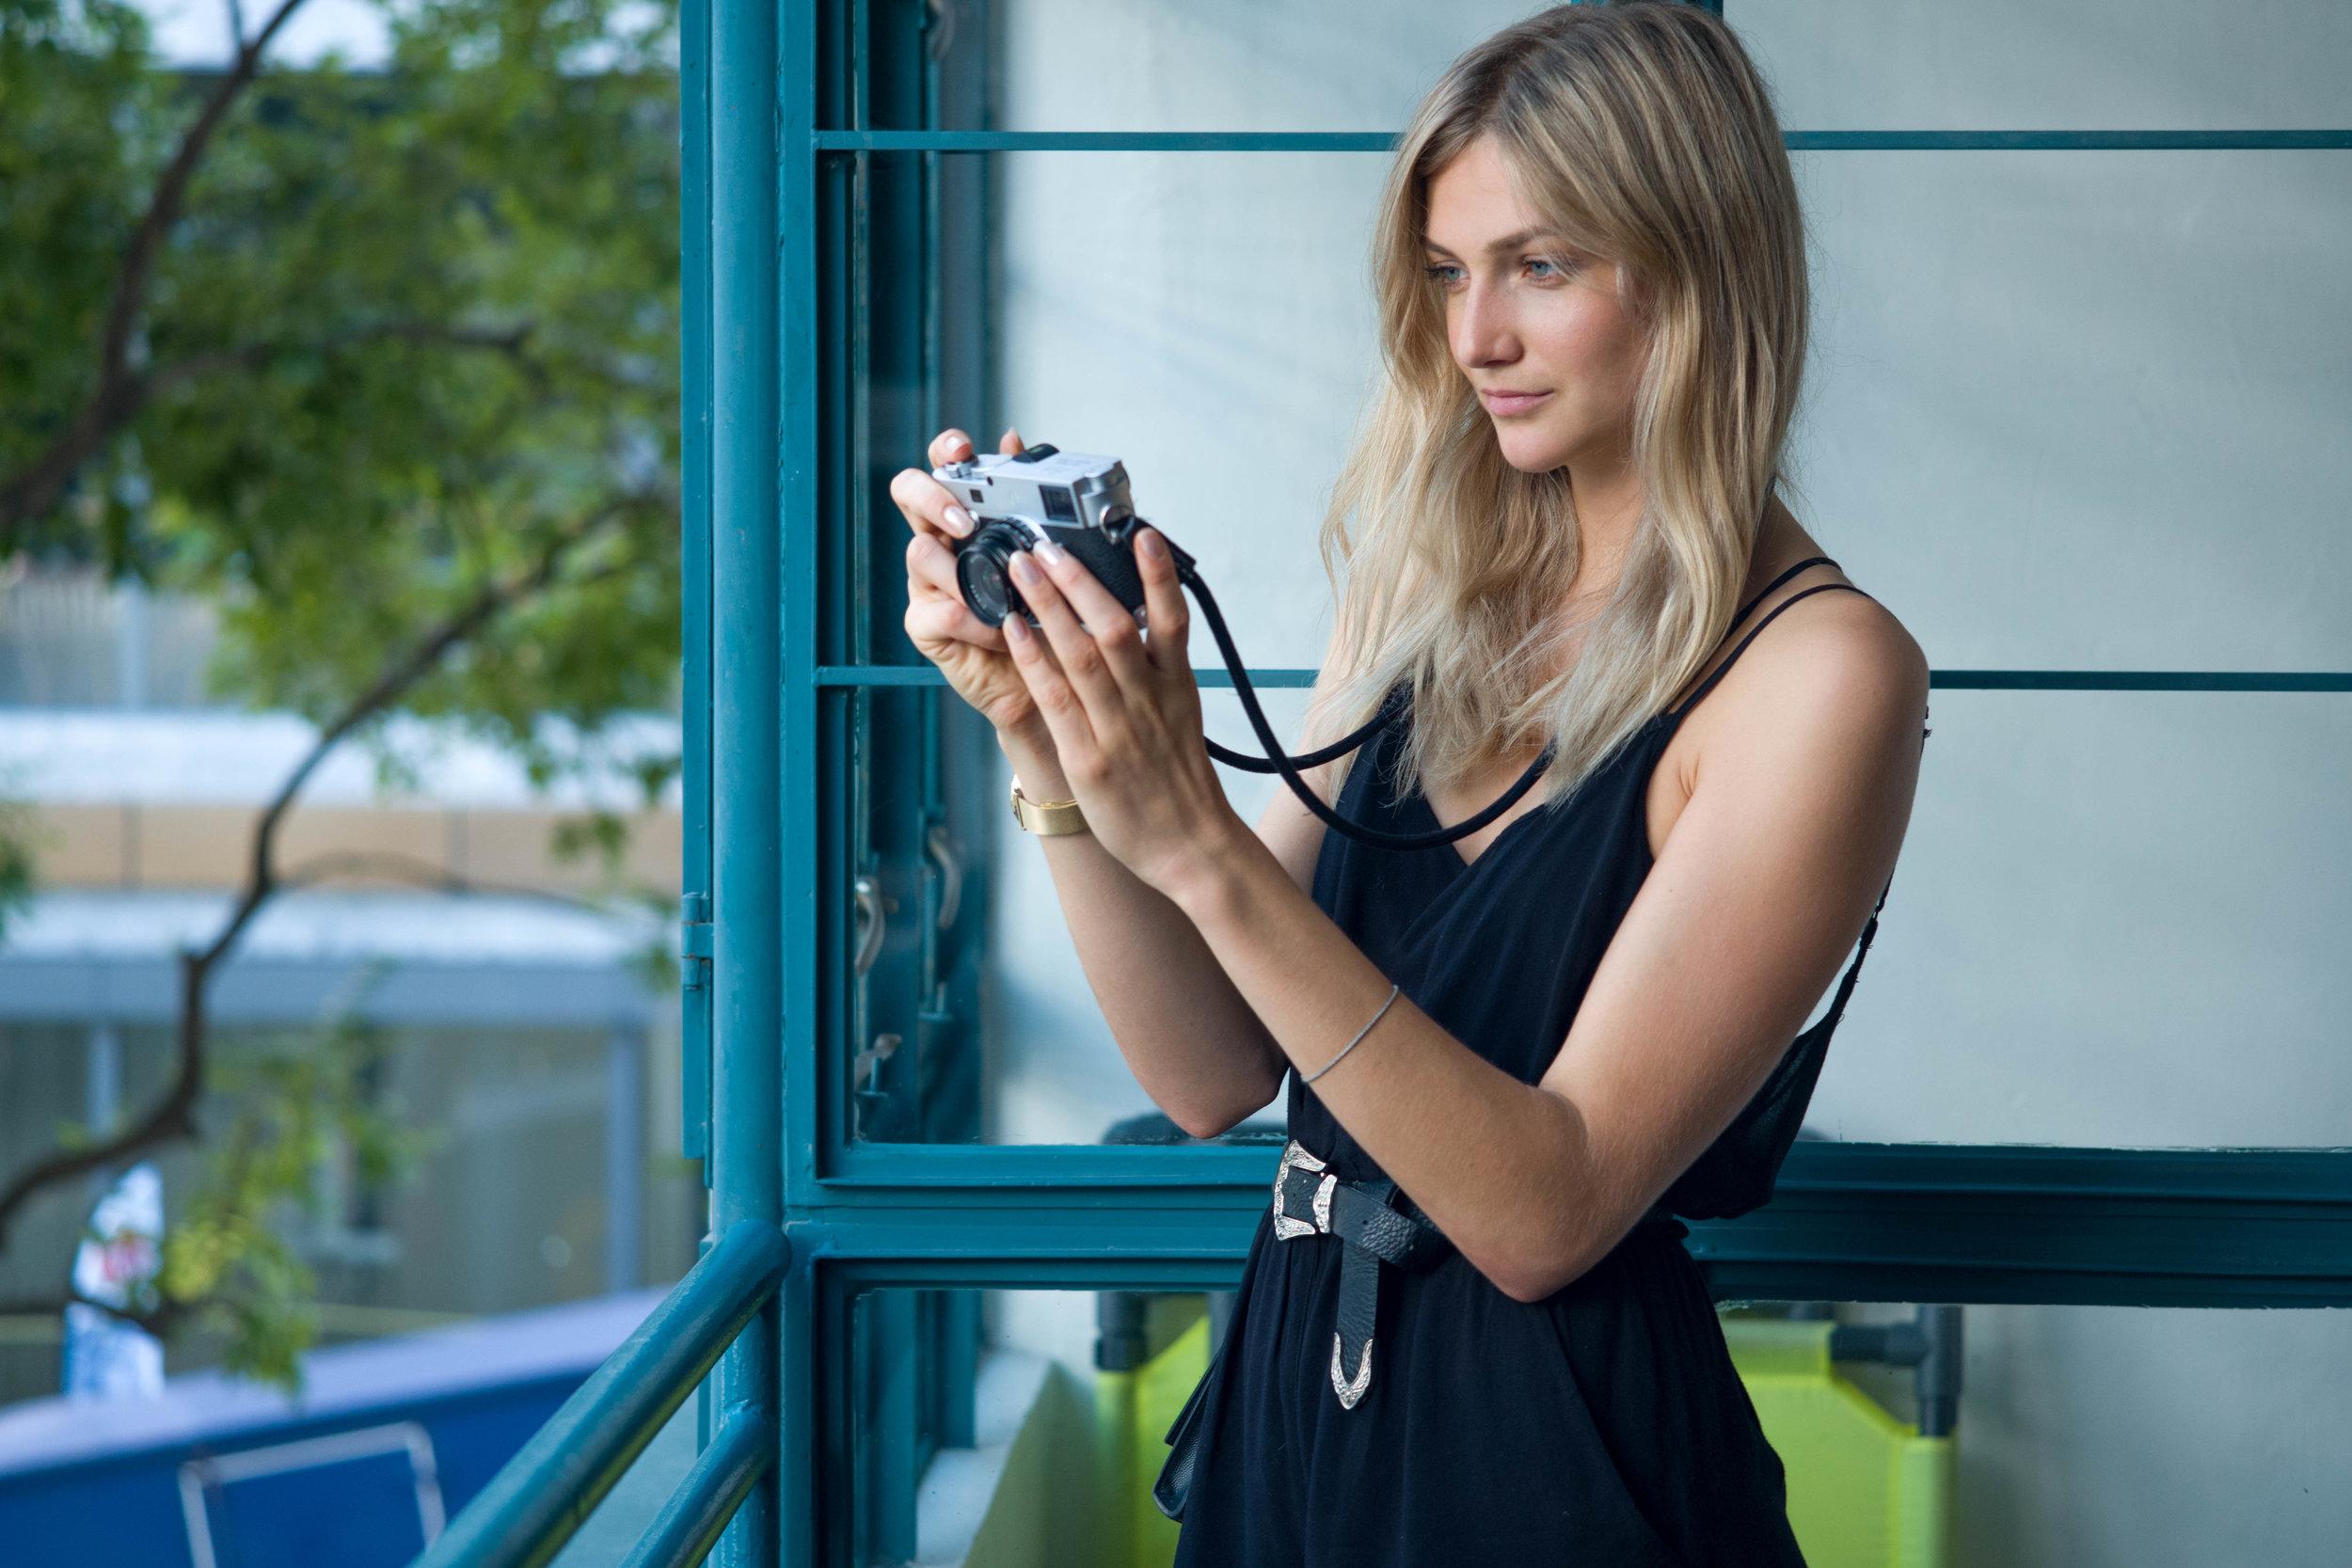 Leica M10-P + Leica 90mm Macro-Elmar-M f/4 - ISO 800, 1/125s, f/4- Similar framing